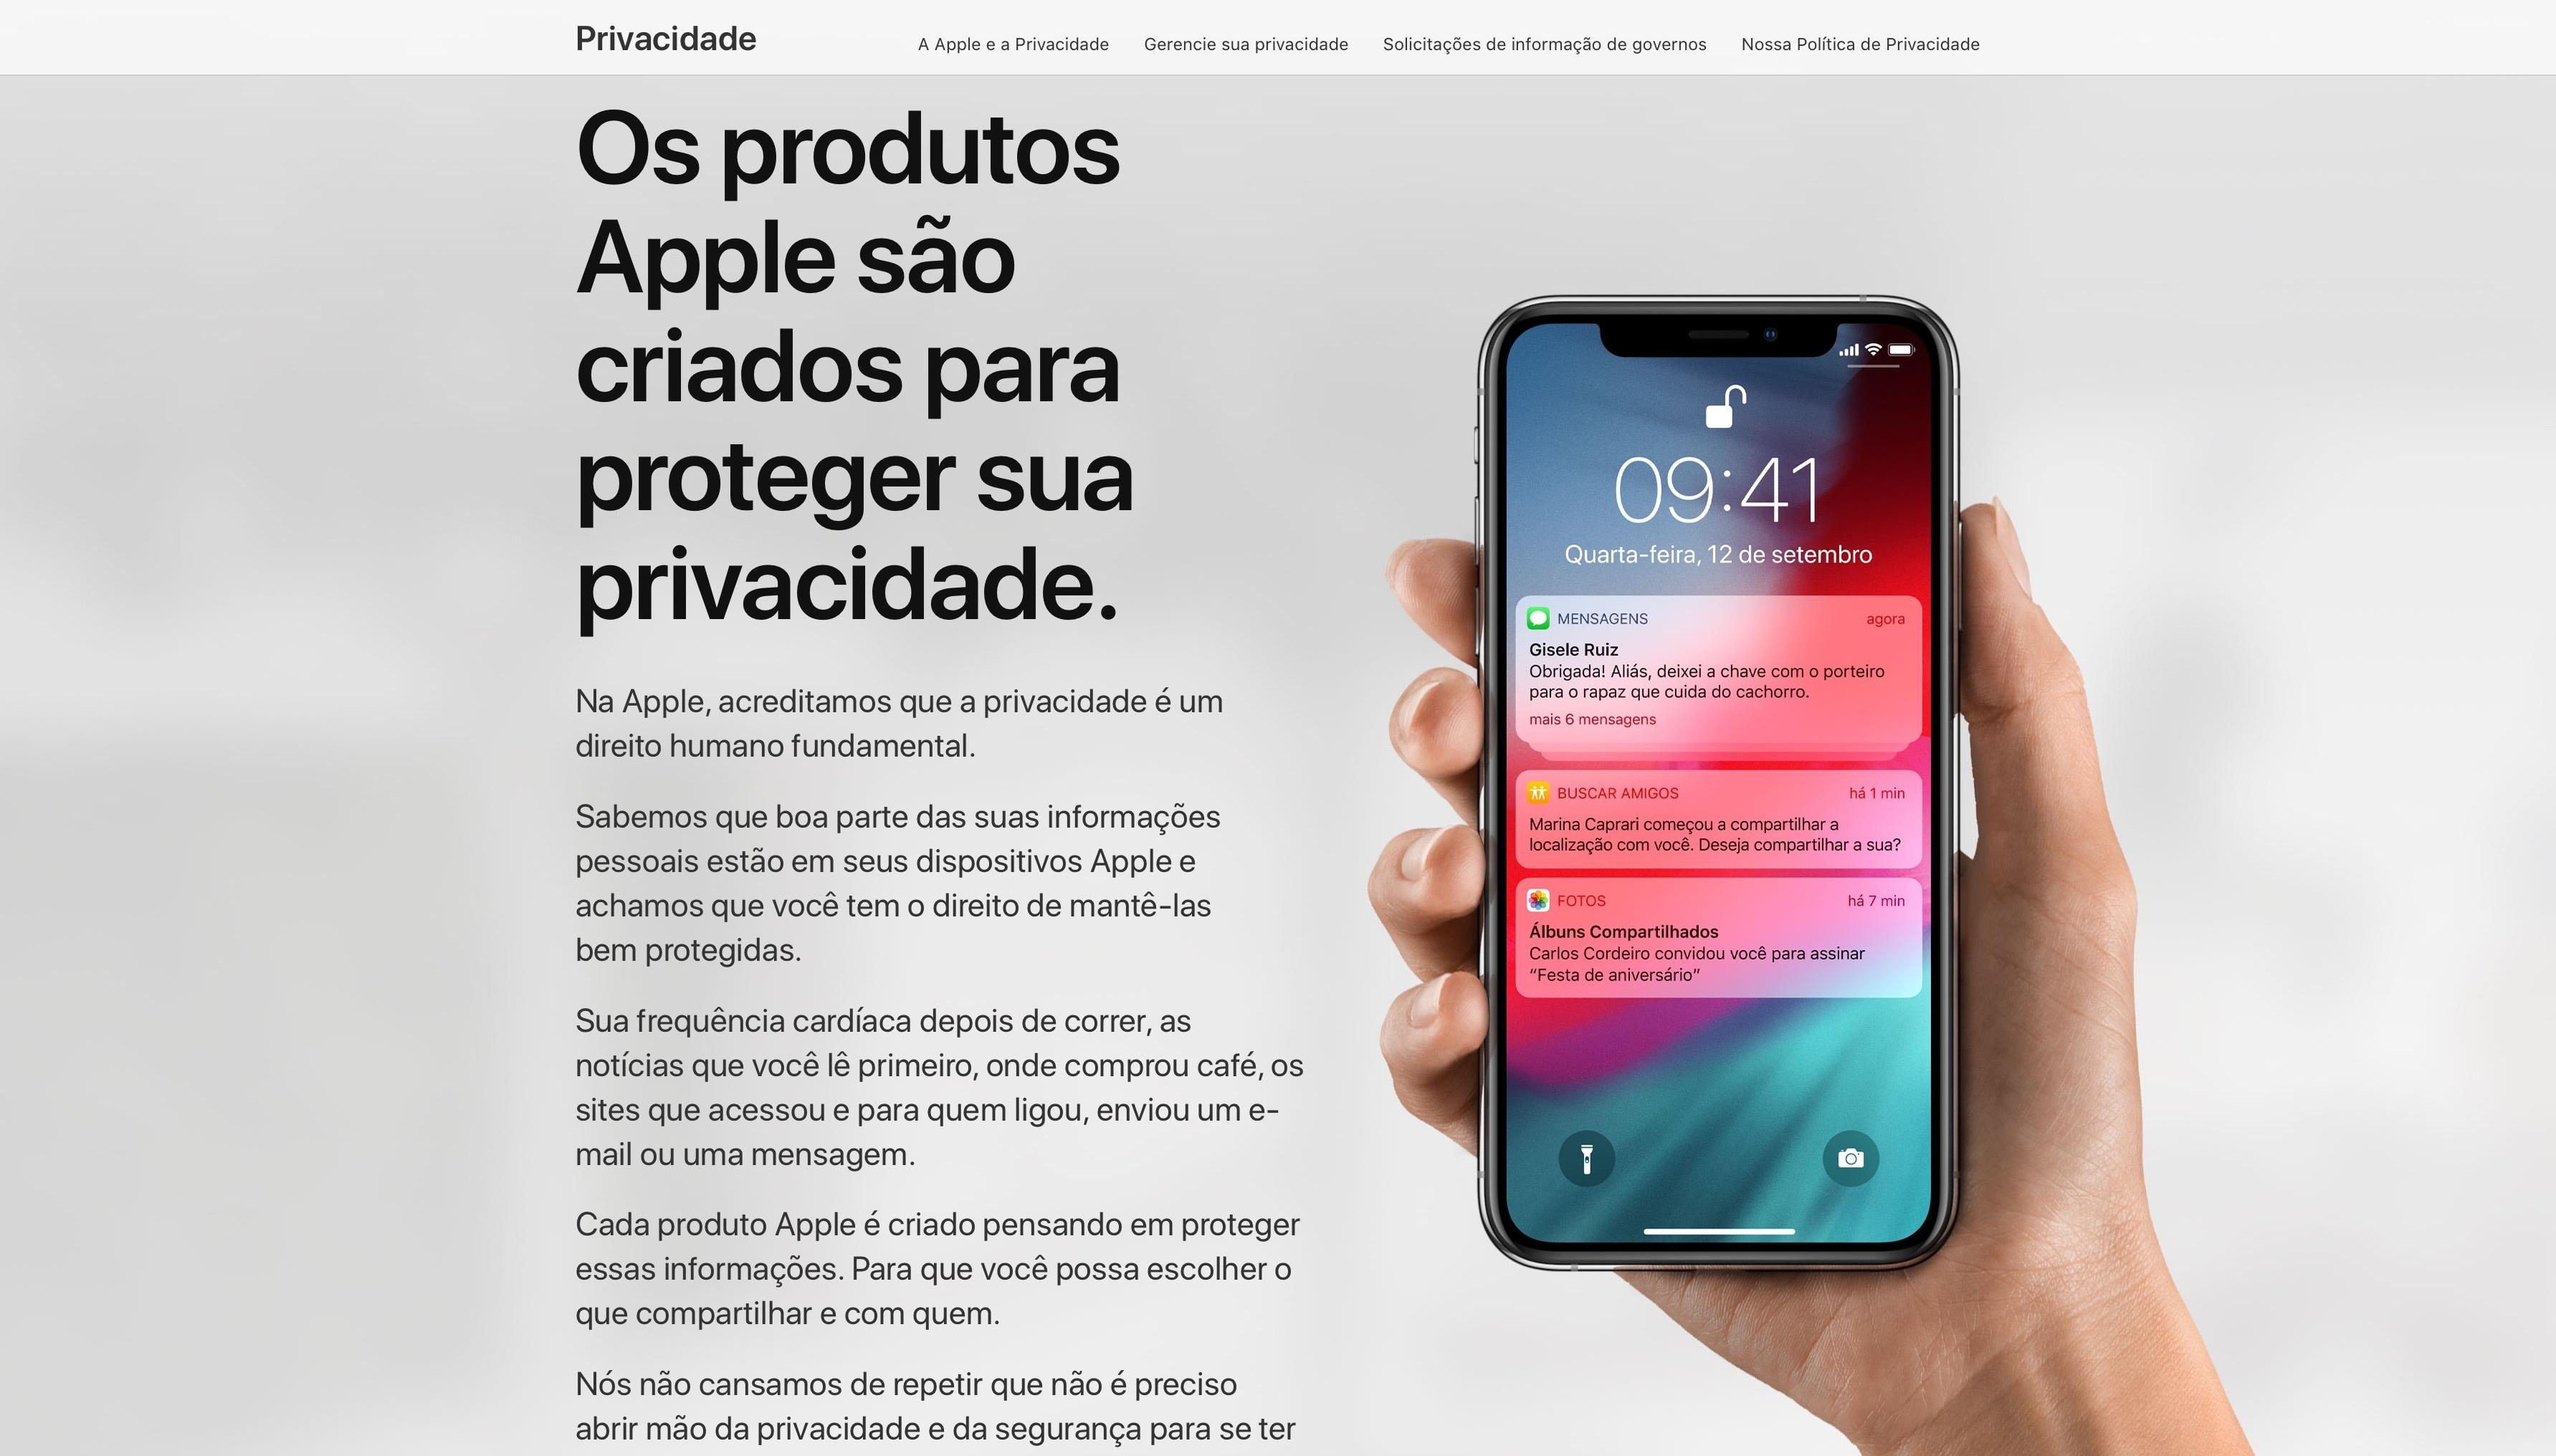 Nova página de privacidade da Apple